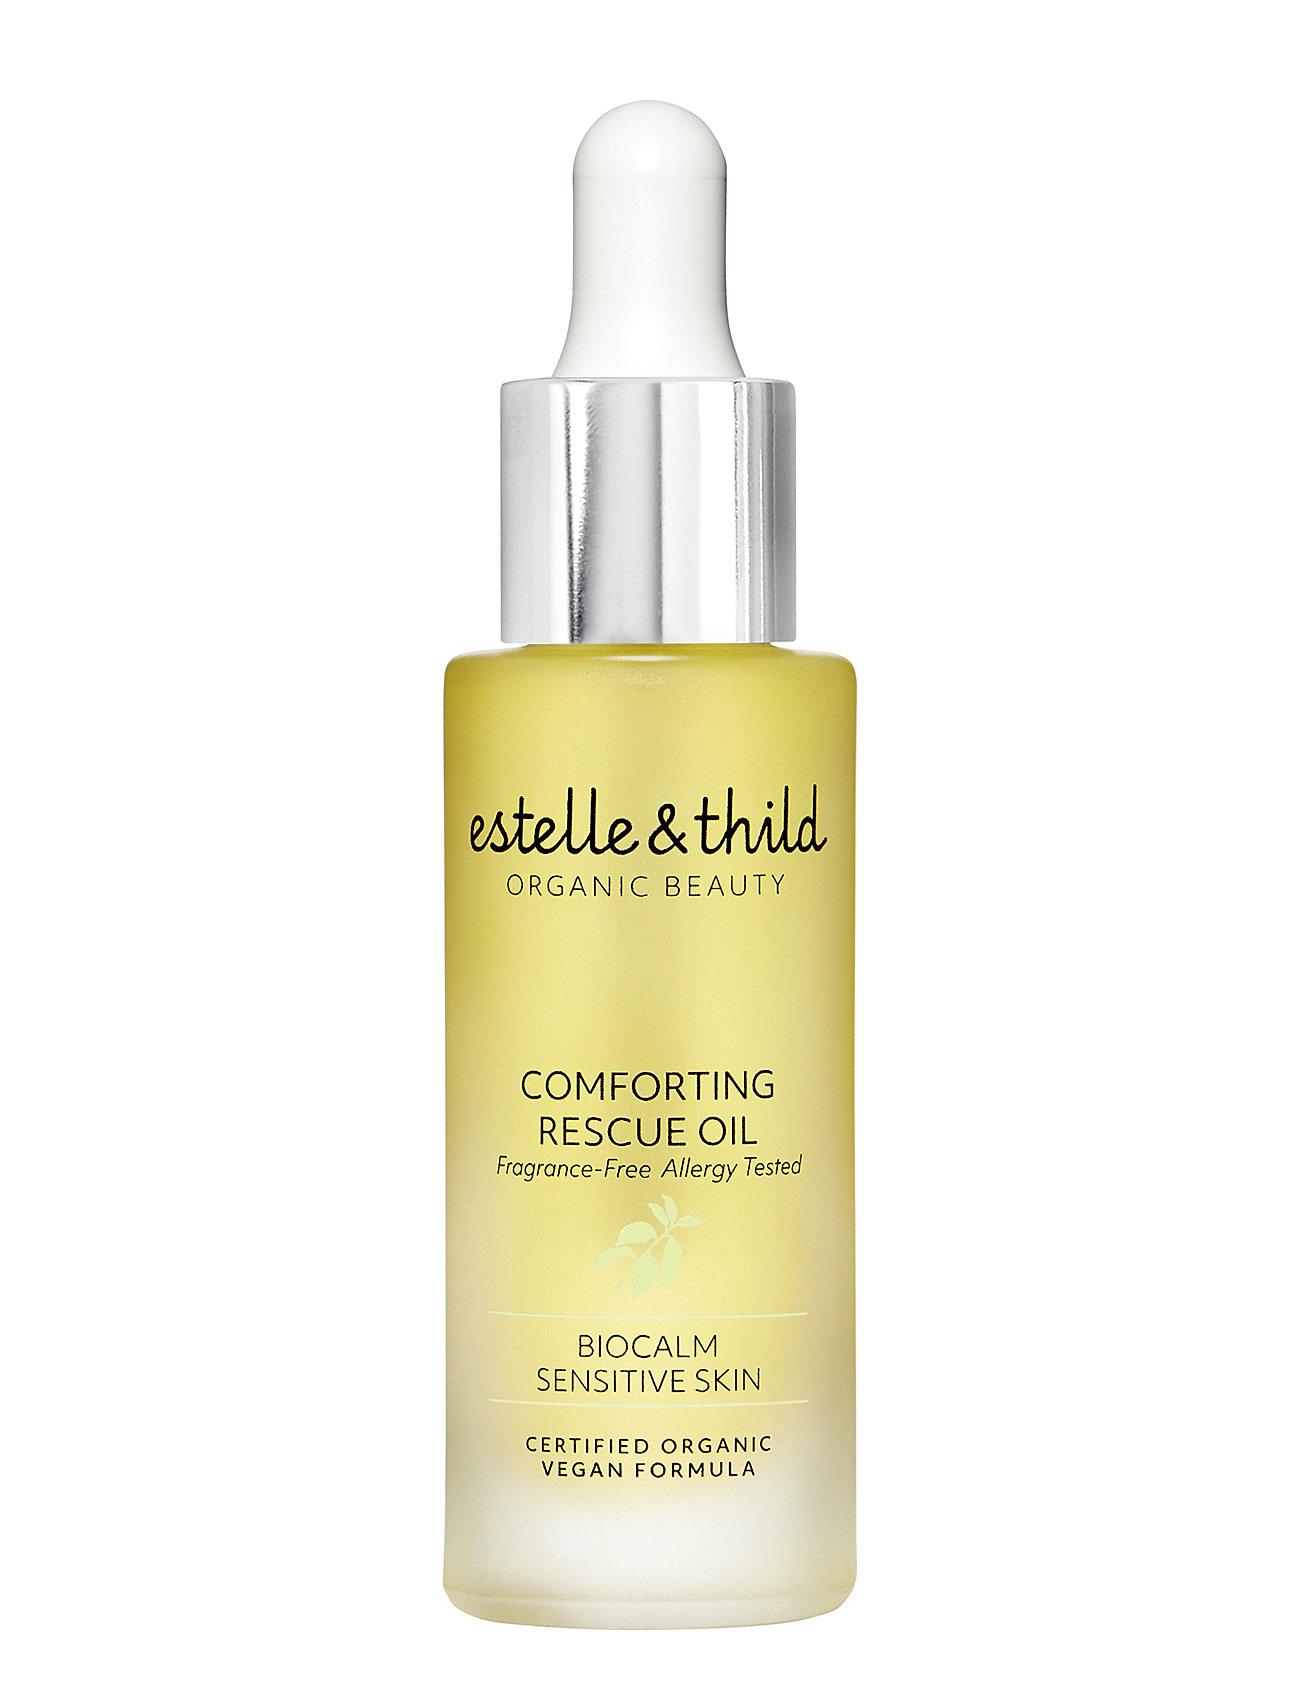 Image of Biocalm Optimal Comfort Rescue Oil Ansigts- & Hårolie Nude Estelle & Thild (3272454531)